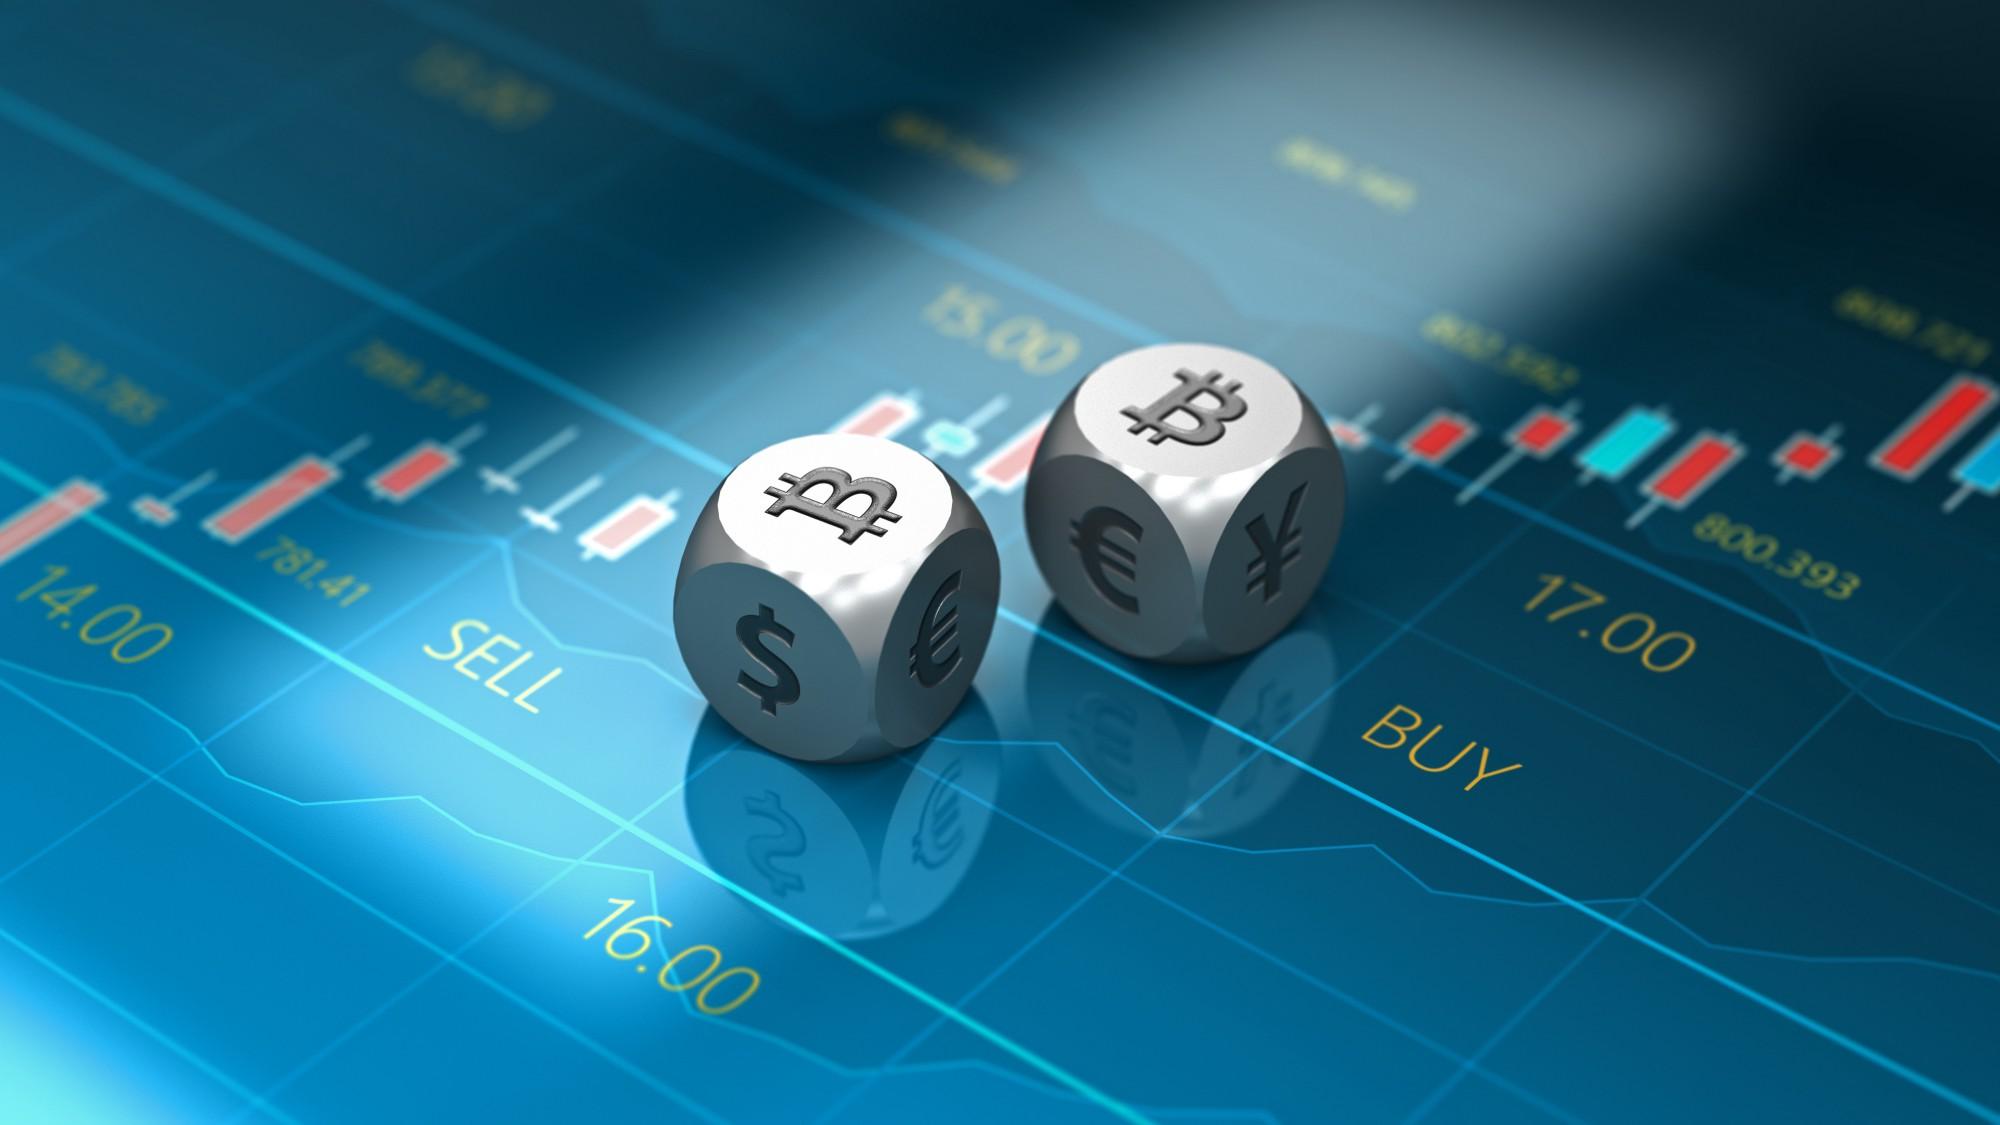 Bitcoin : enquête ouverte sur des manipulations présumées illégales aux États-Unis